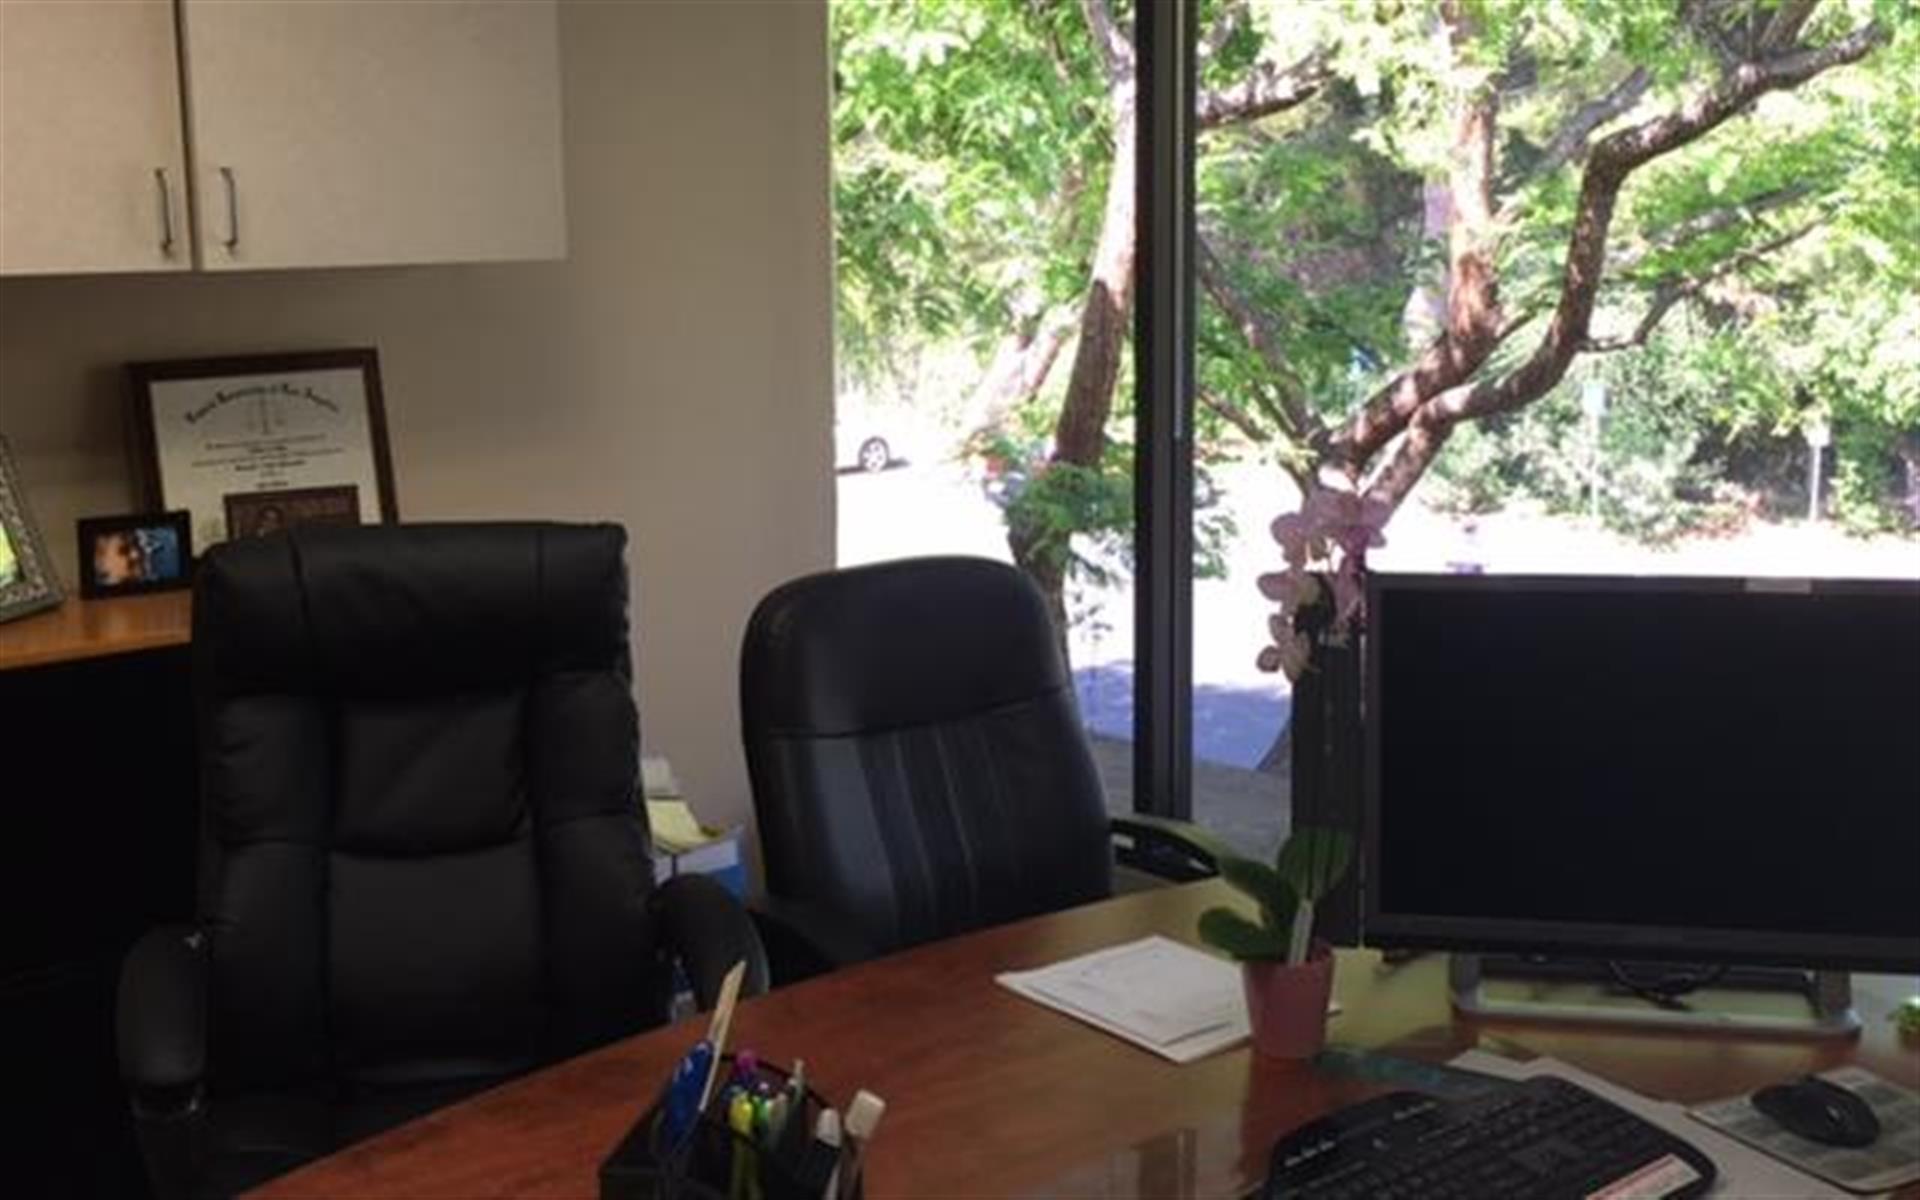 DCR Conference Center - Private office, massive windows